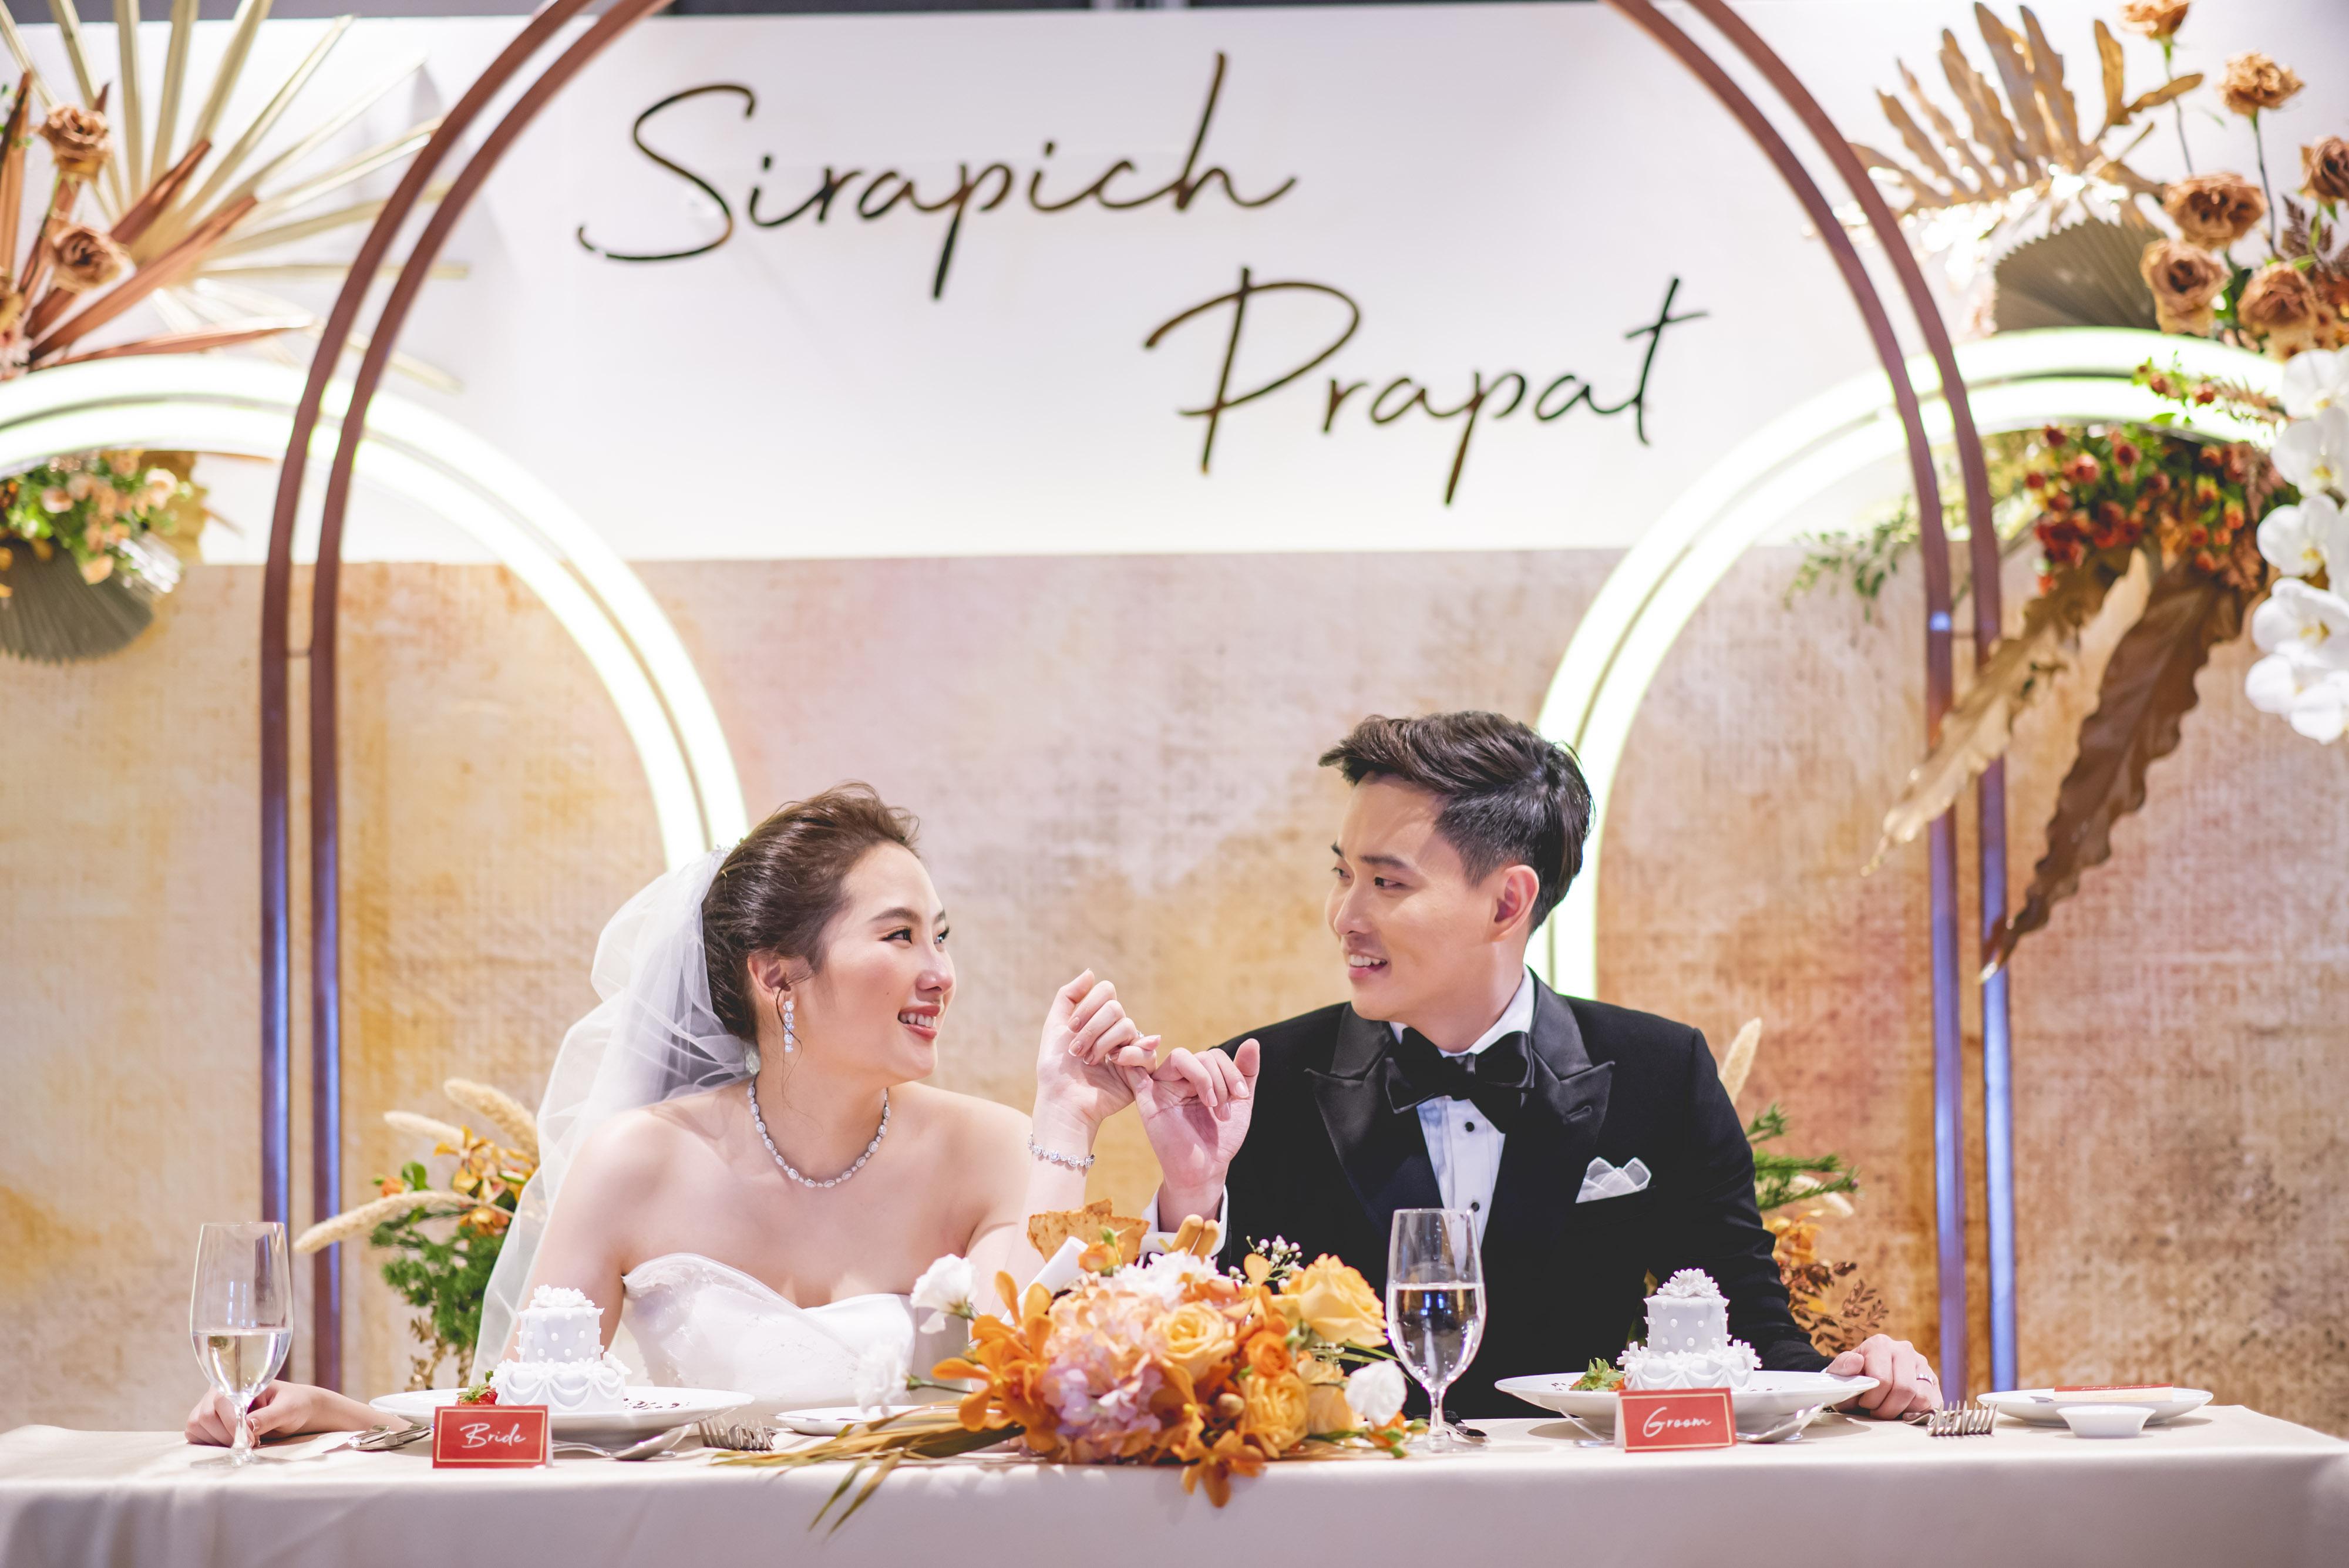 12 จัดงานแต่งแบบ Premium พร้อมข้อเสนอพิเศษกว่า 100,000 บาท! ตลอดปี 2020 ที่ Bangkok Marriott Marquis Queen's Park